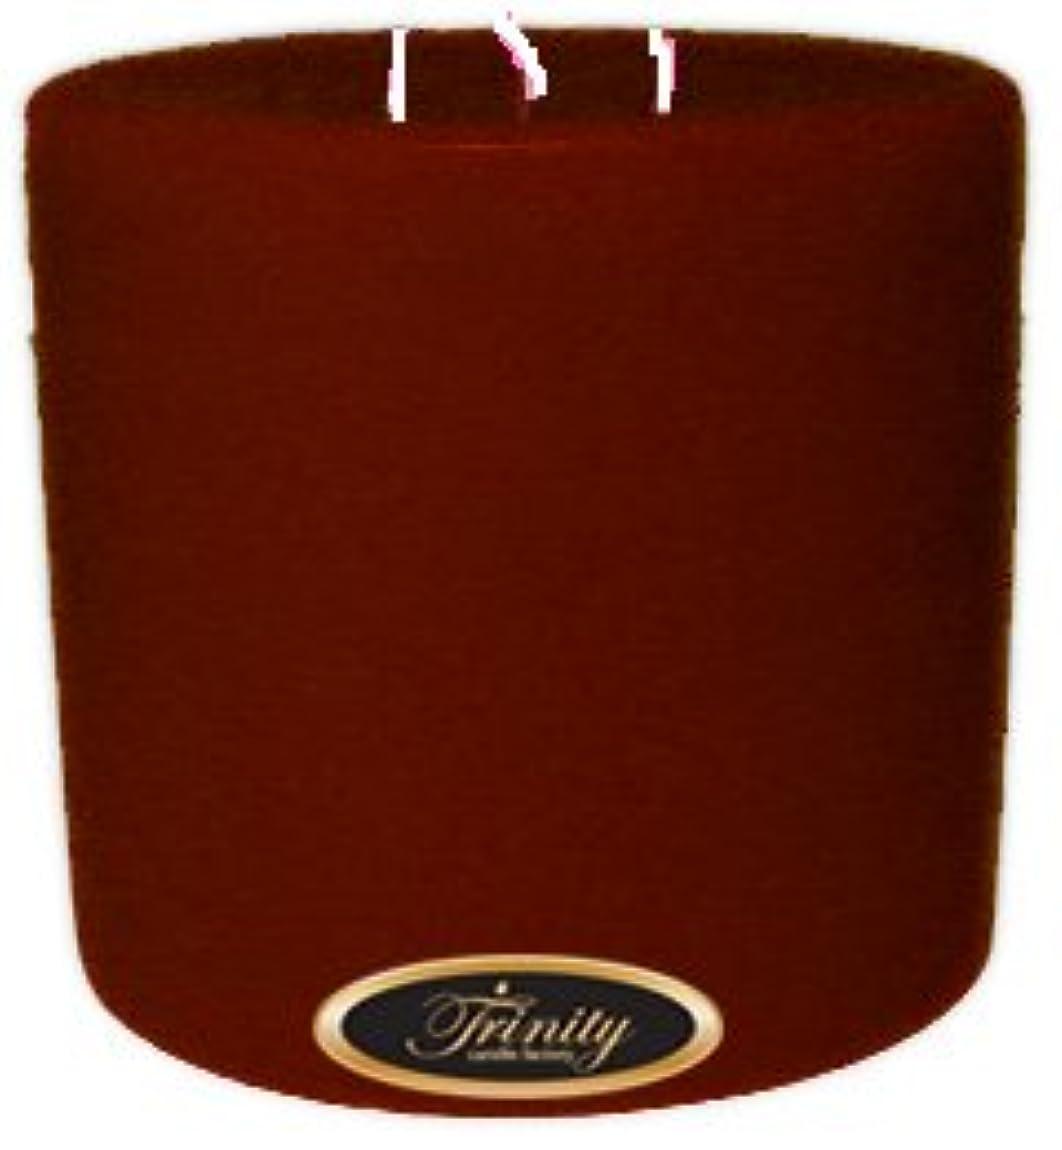 北米ハード謝罪Trinity Candle工場 – クローブスパイス – Pillar Candle – 6 x 6